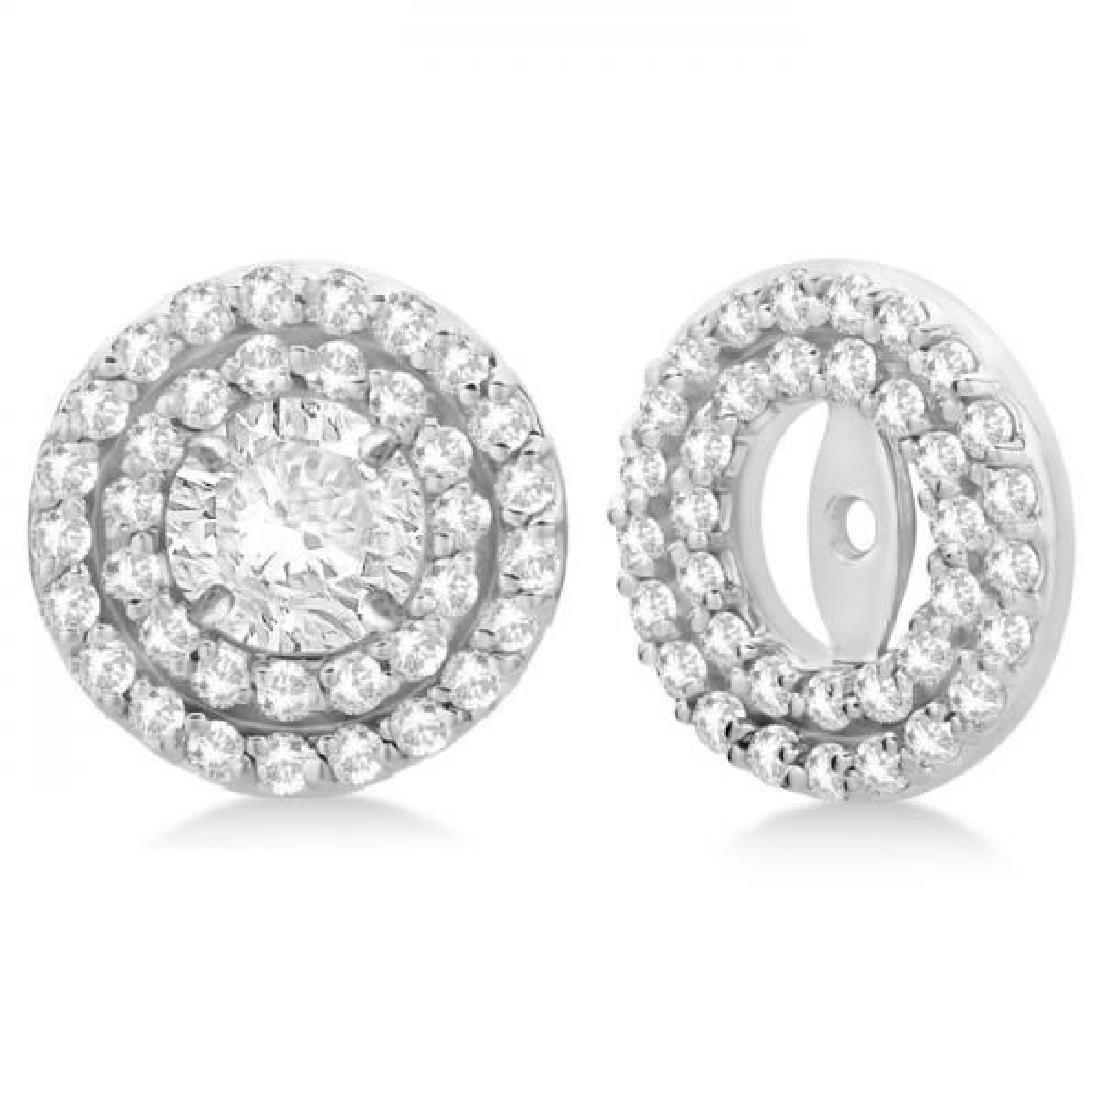 Double Halo Diamond Earring Jackets for 9mm Studs 14k W